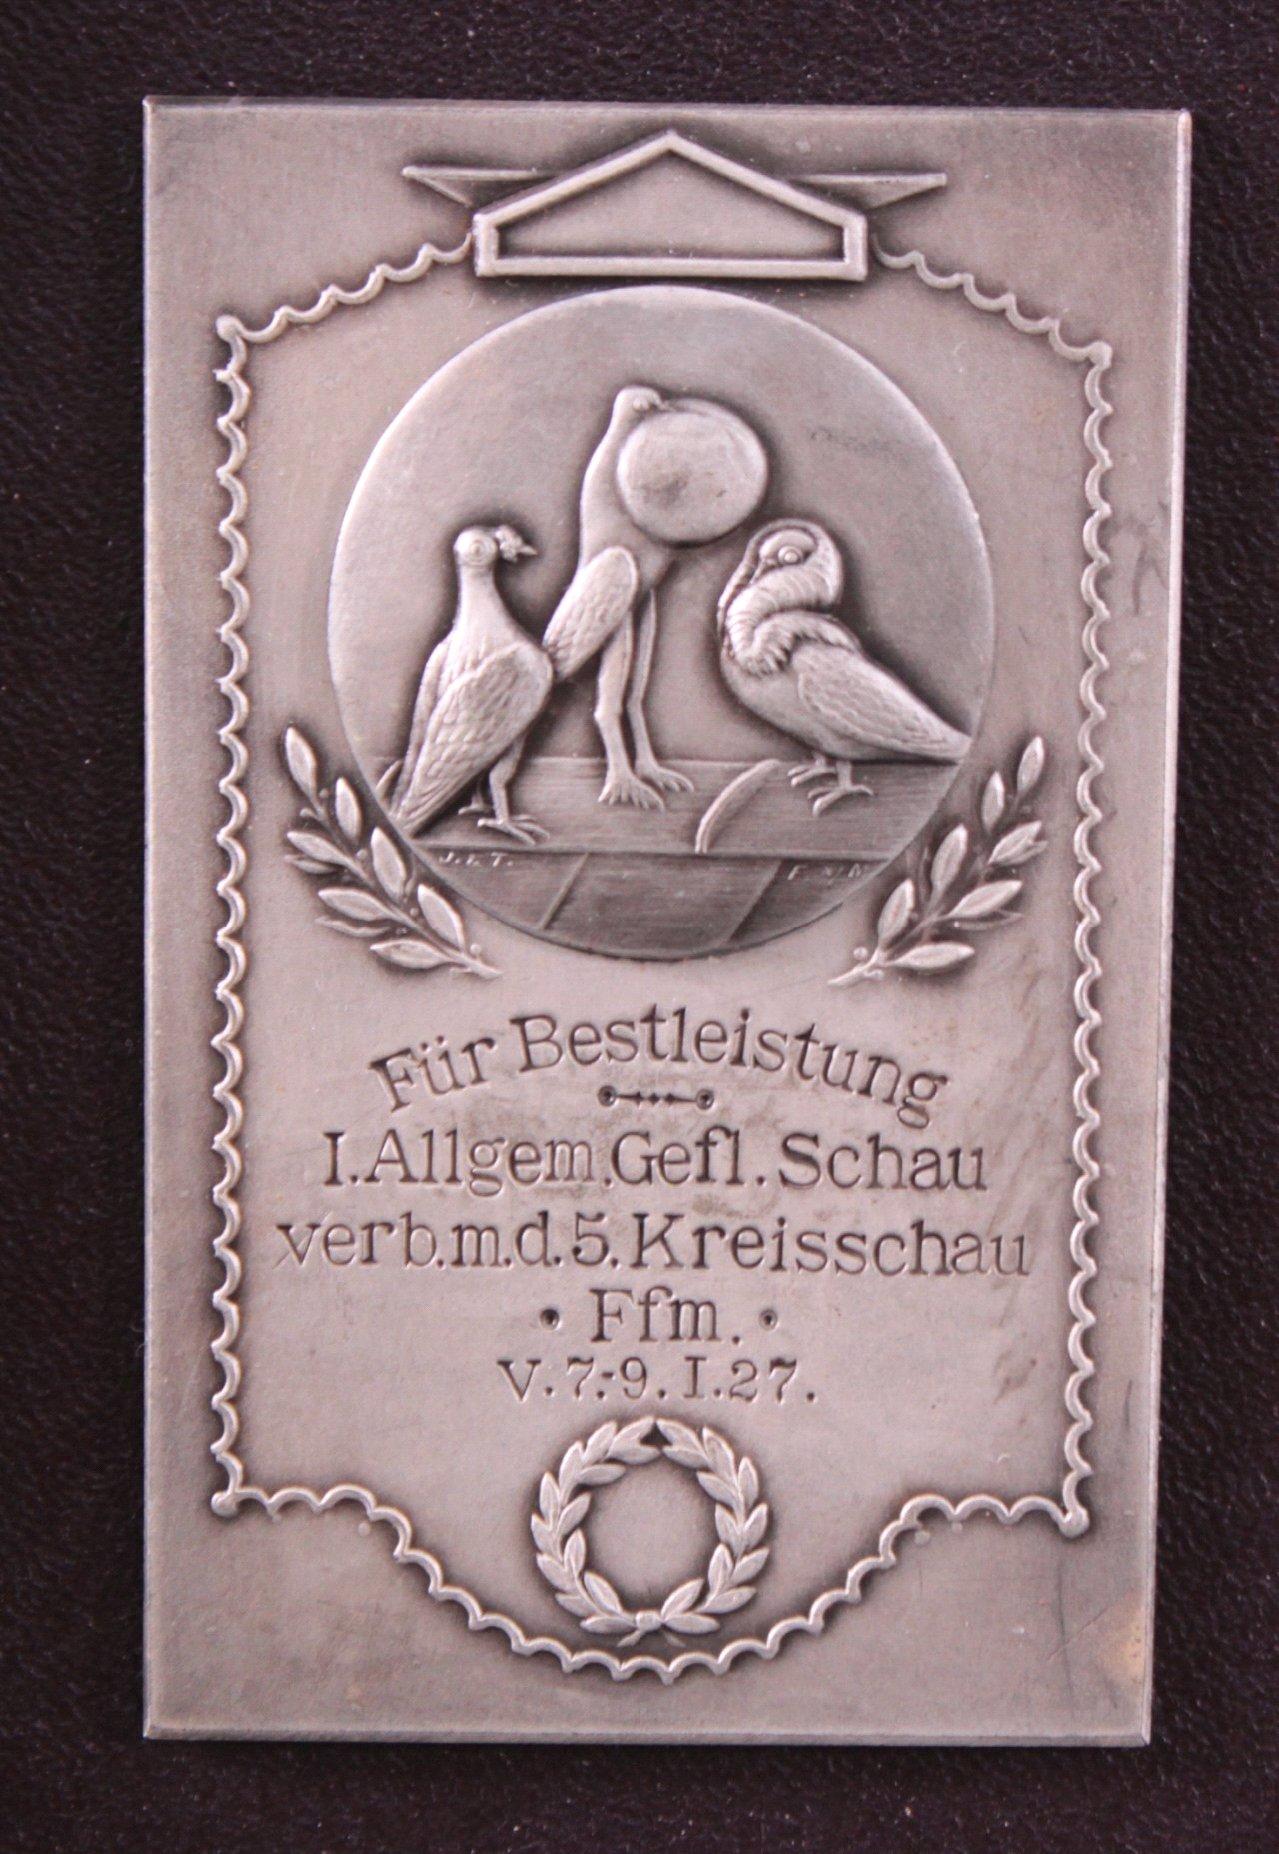 Plakette 1. Allgemeine Geflügelschau Frankfurt 1927-1